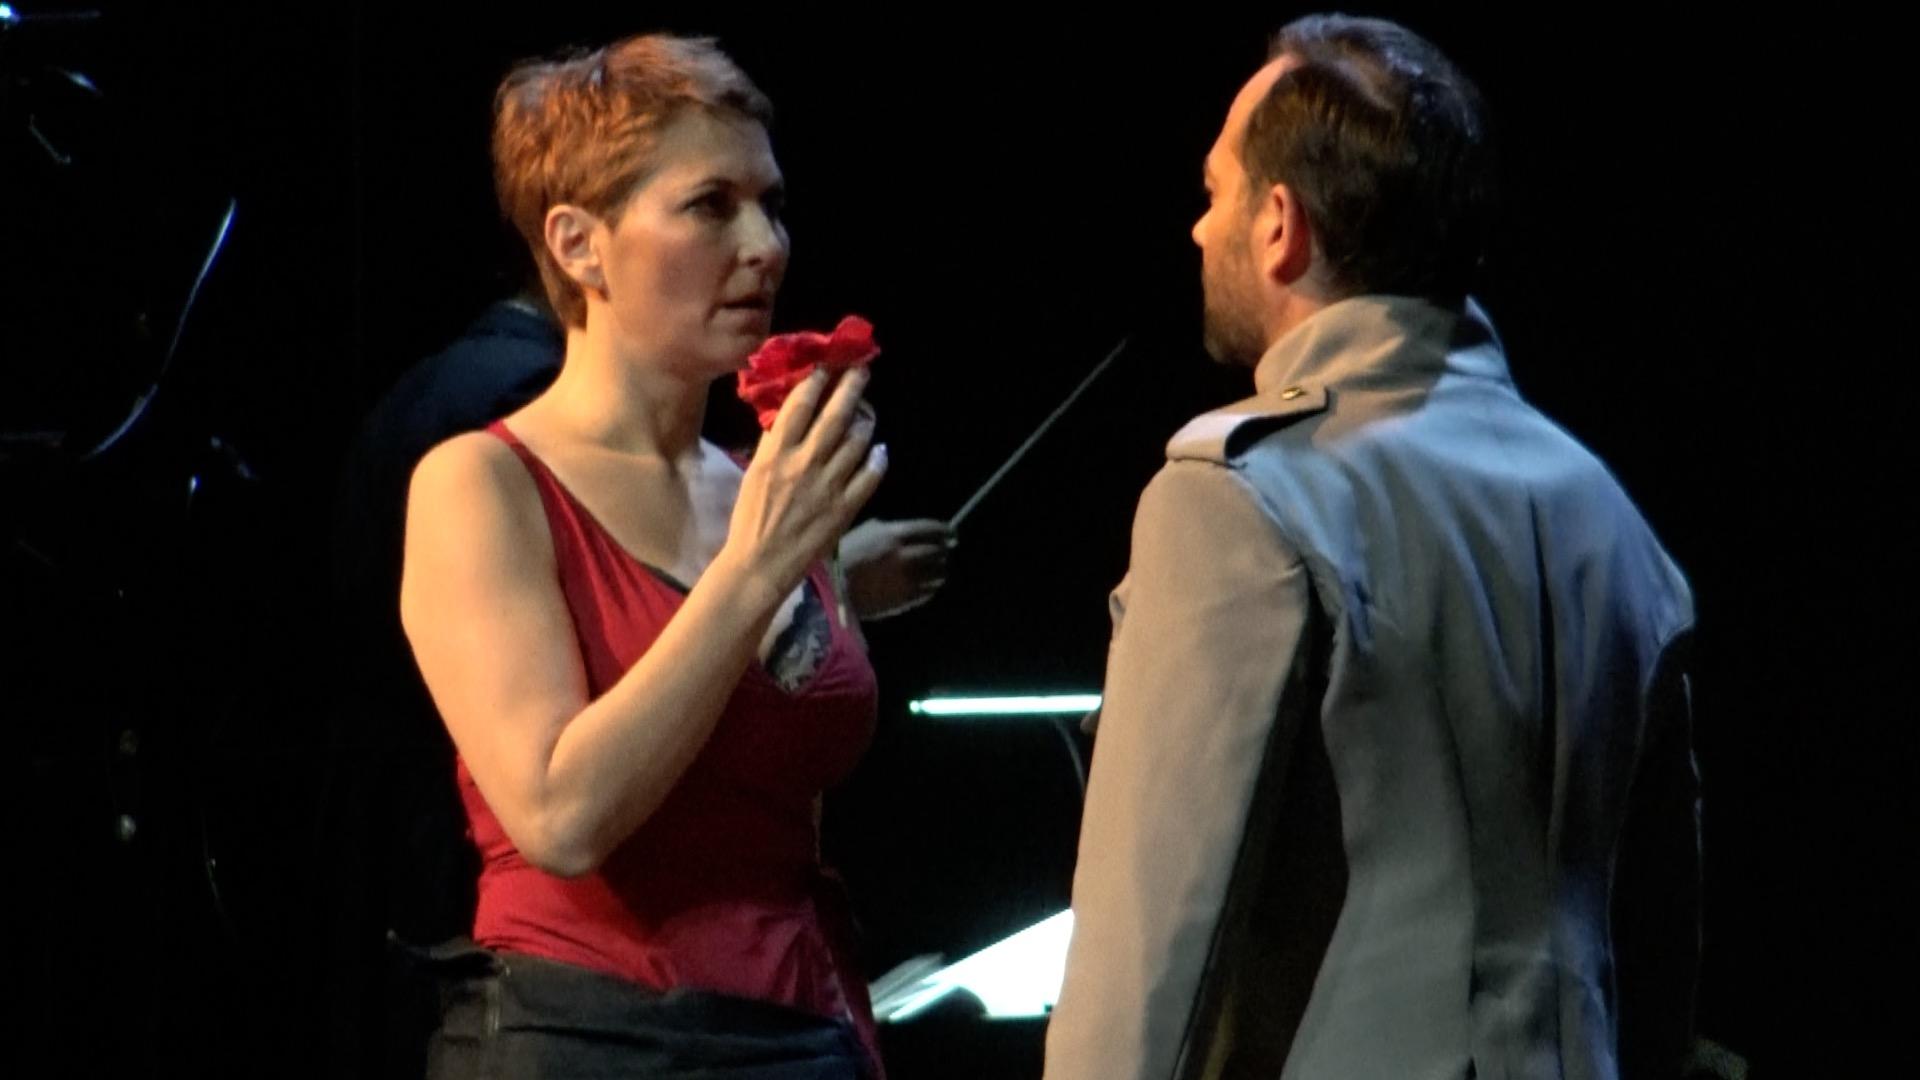 Premijerna izvedba Carmen na riječkoj pozornici